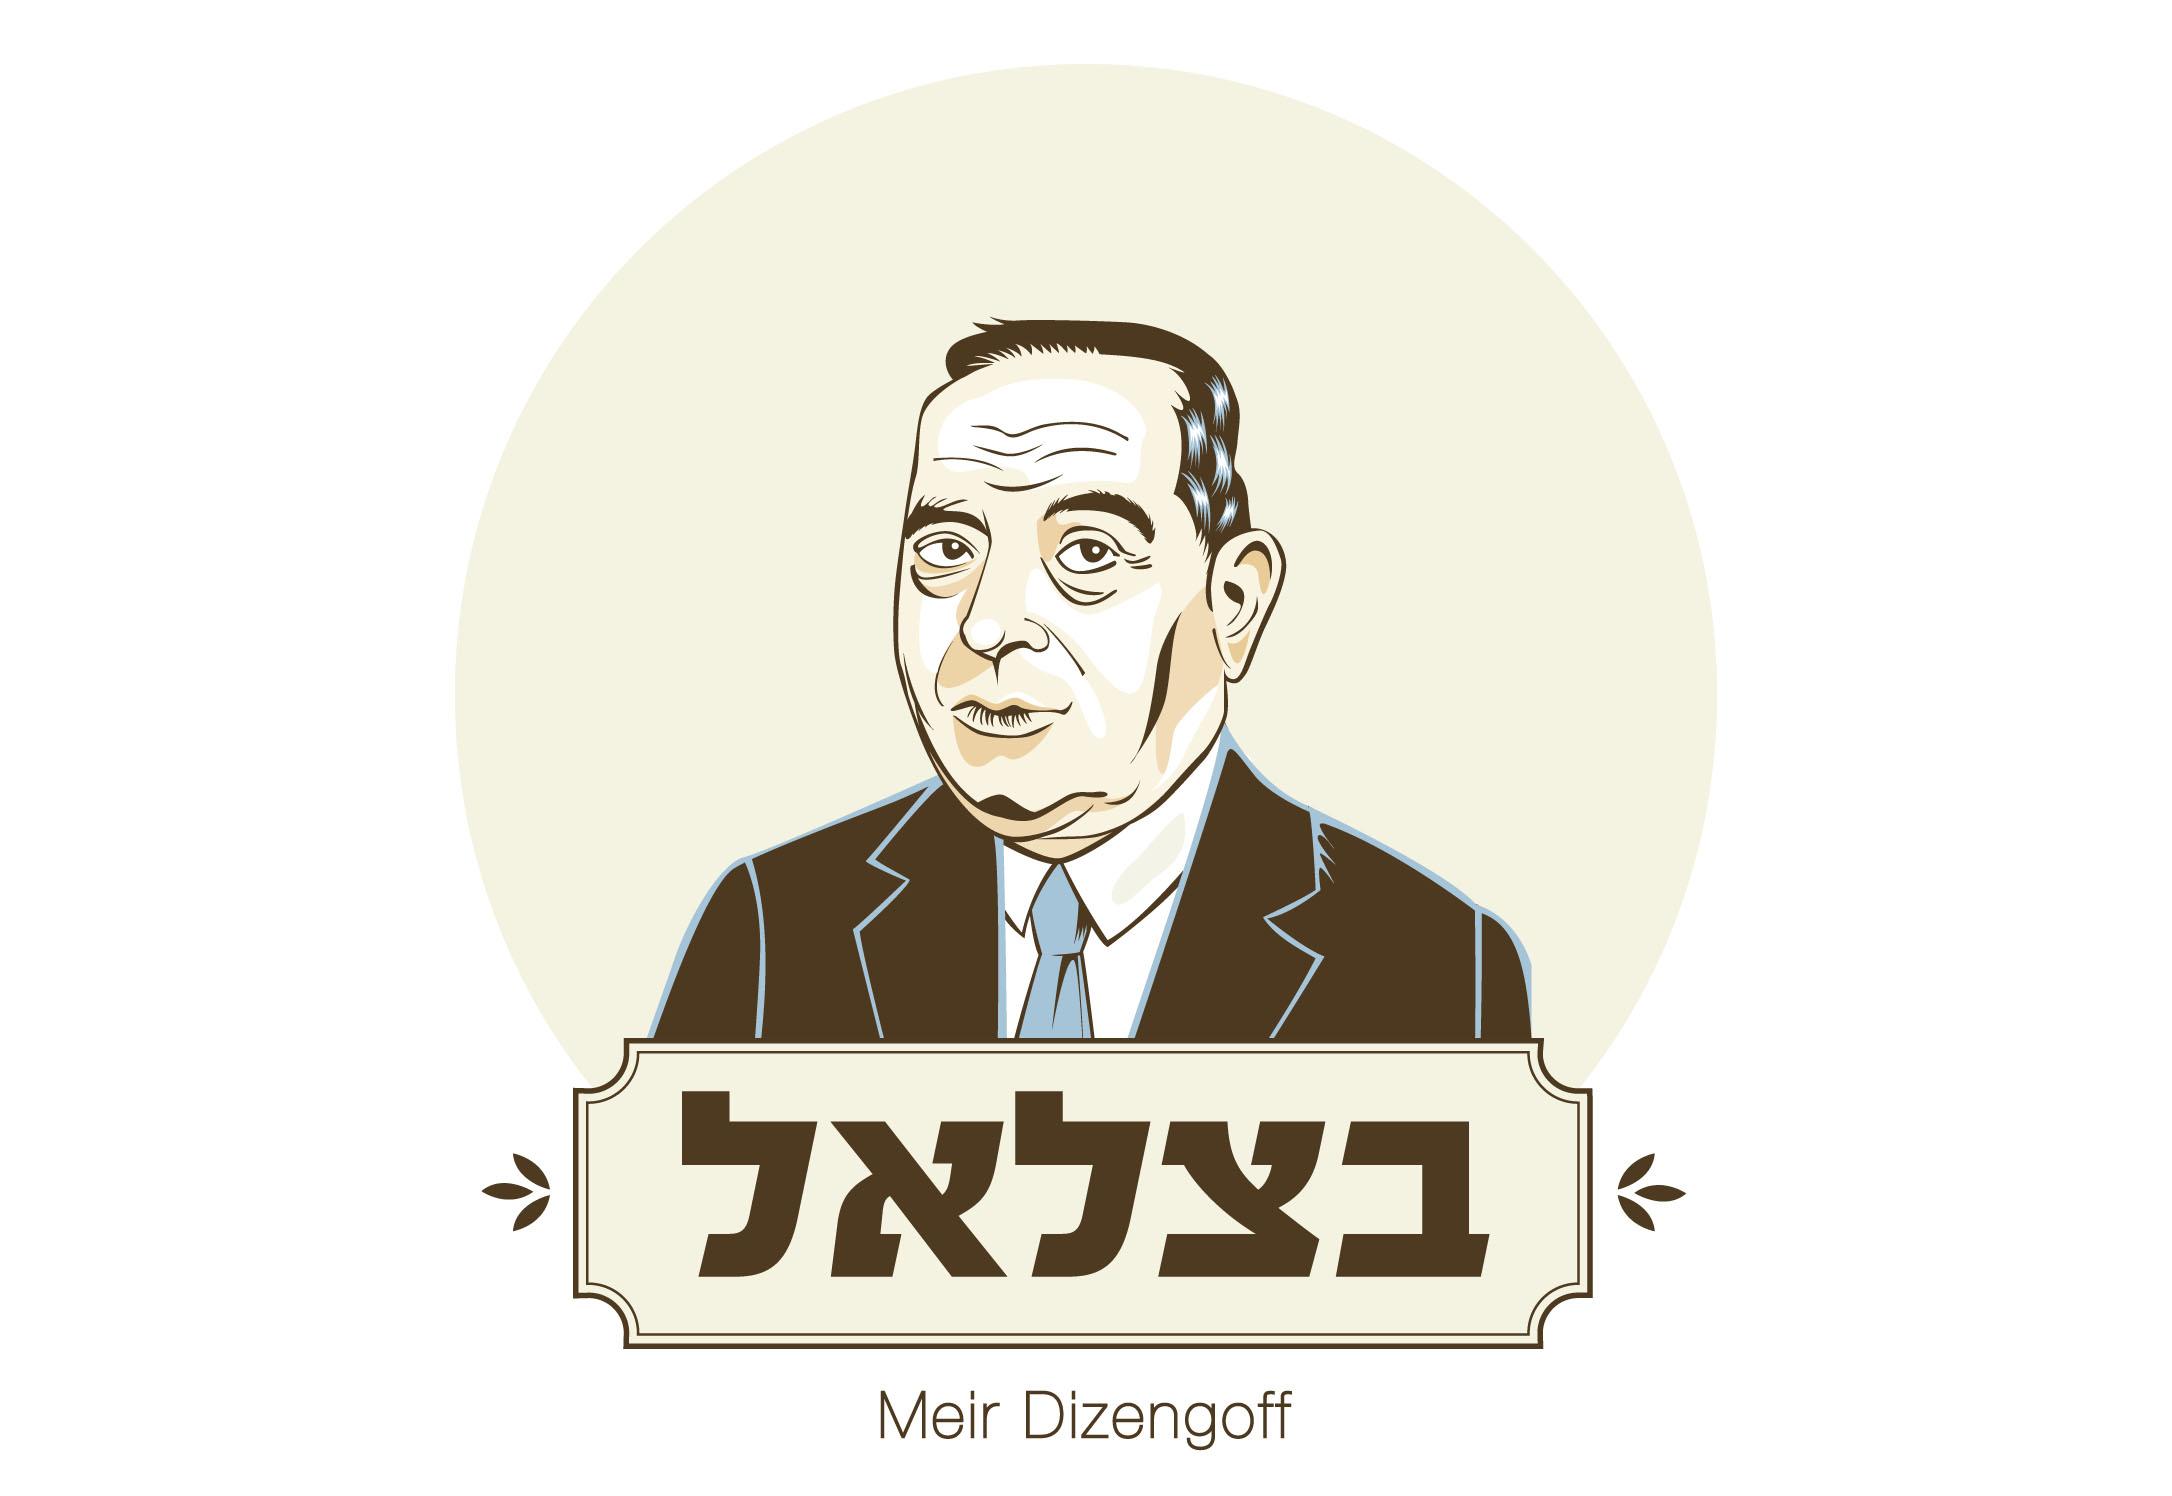 bezalel_dizengoff.jpg